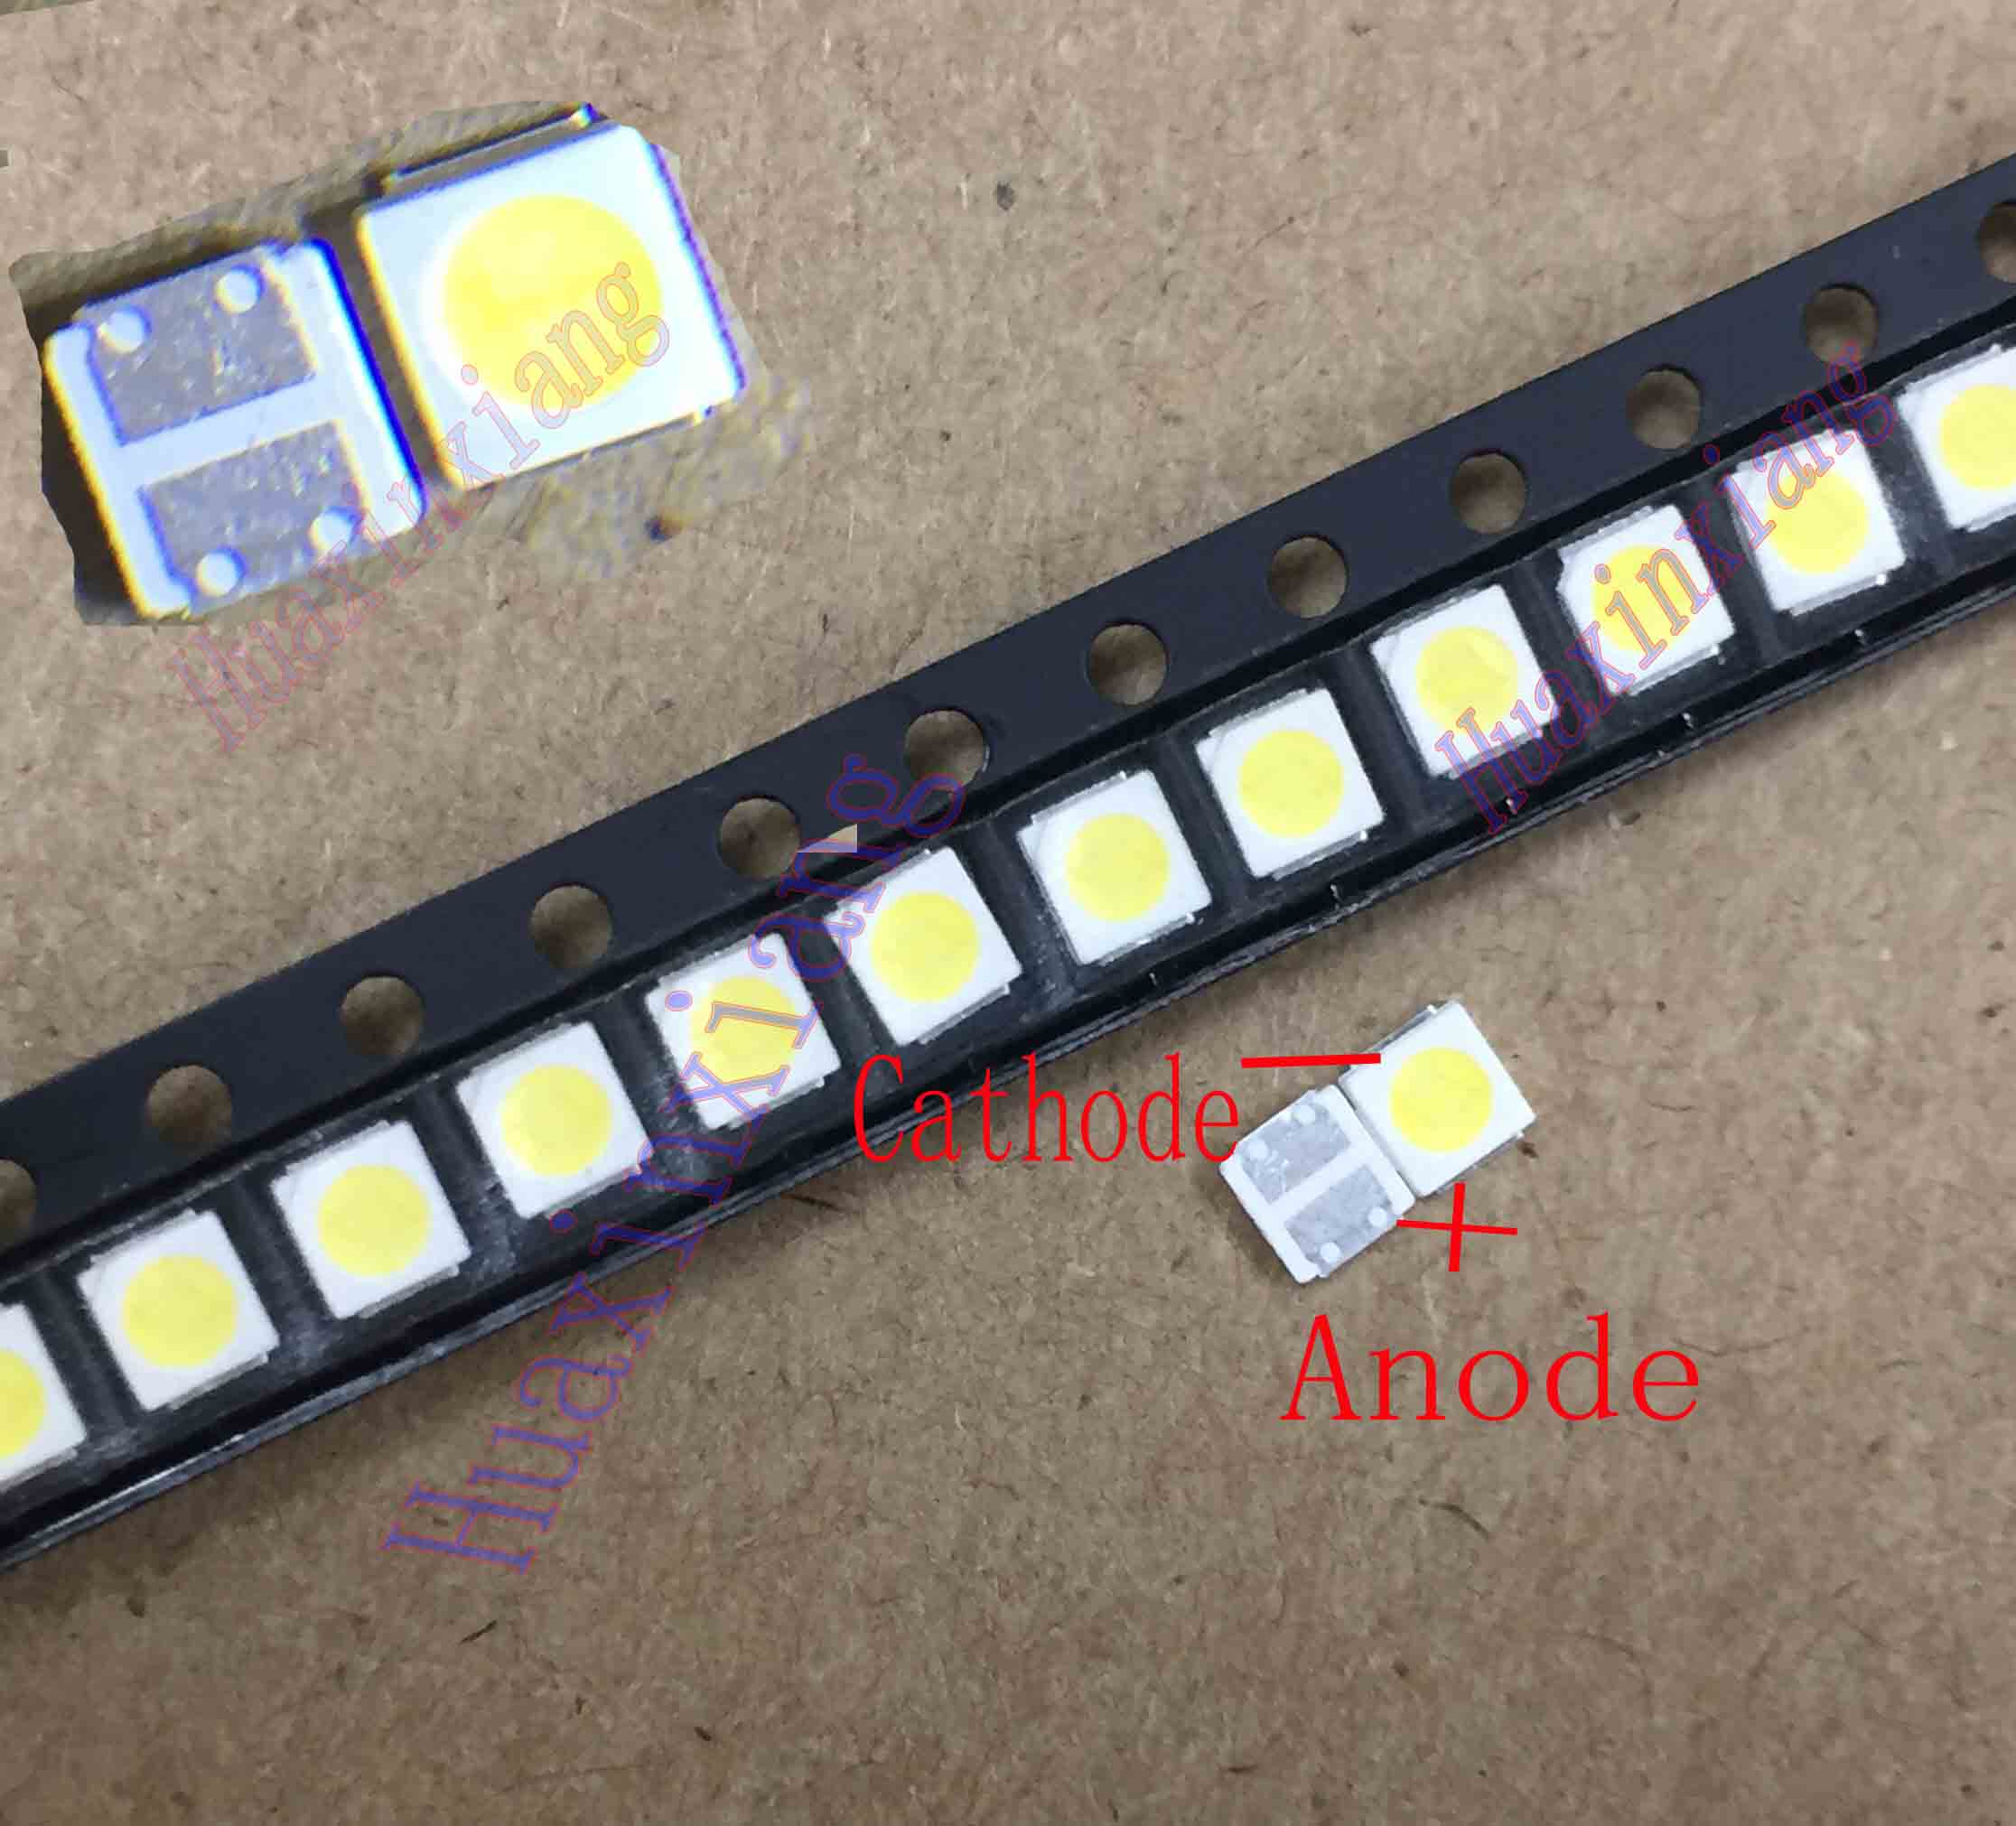 100pcs/Lot  1.8W SMD LED 3030 3V Cool White High Power For TV Backlight Application 3.0*3.0*0.6mm